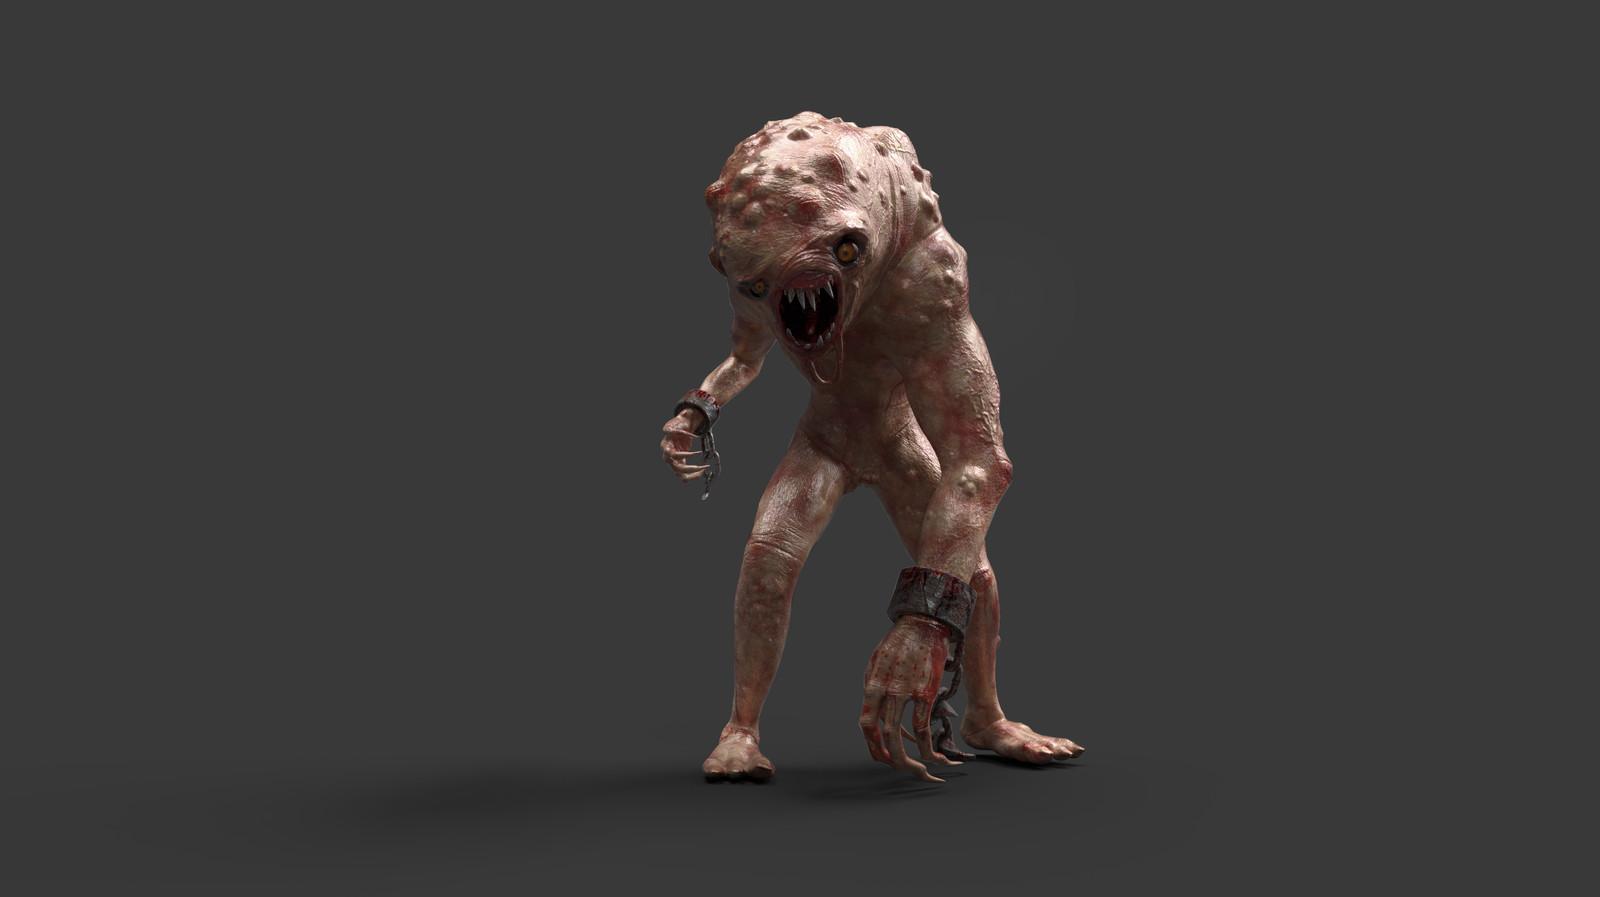 Beast - Burkett Monster